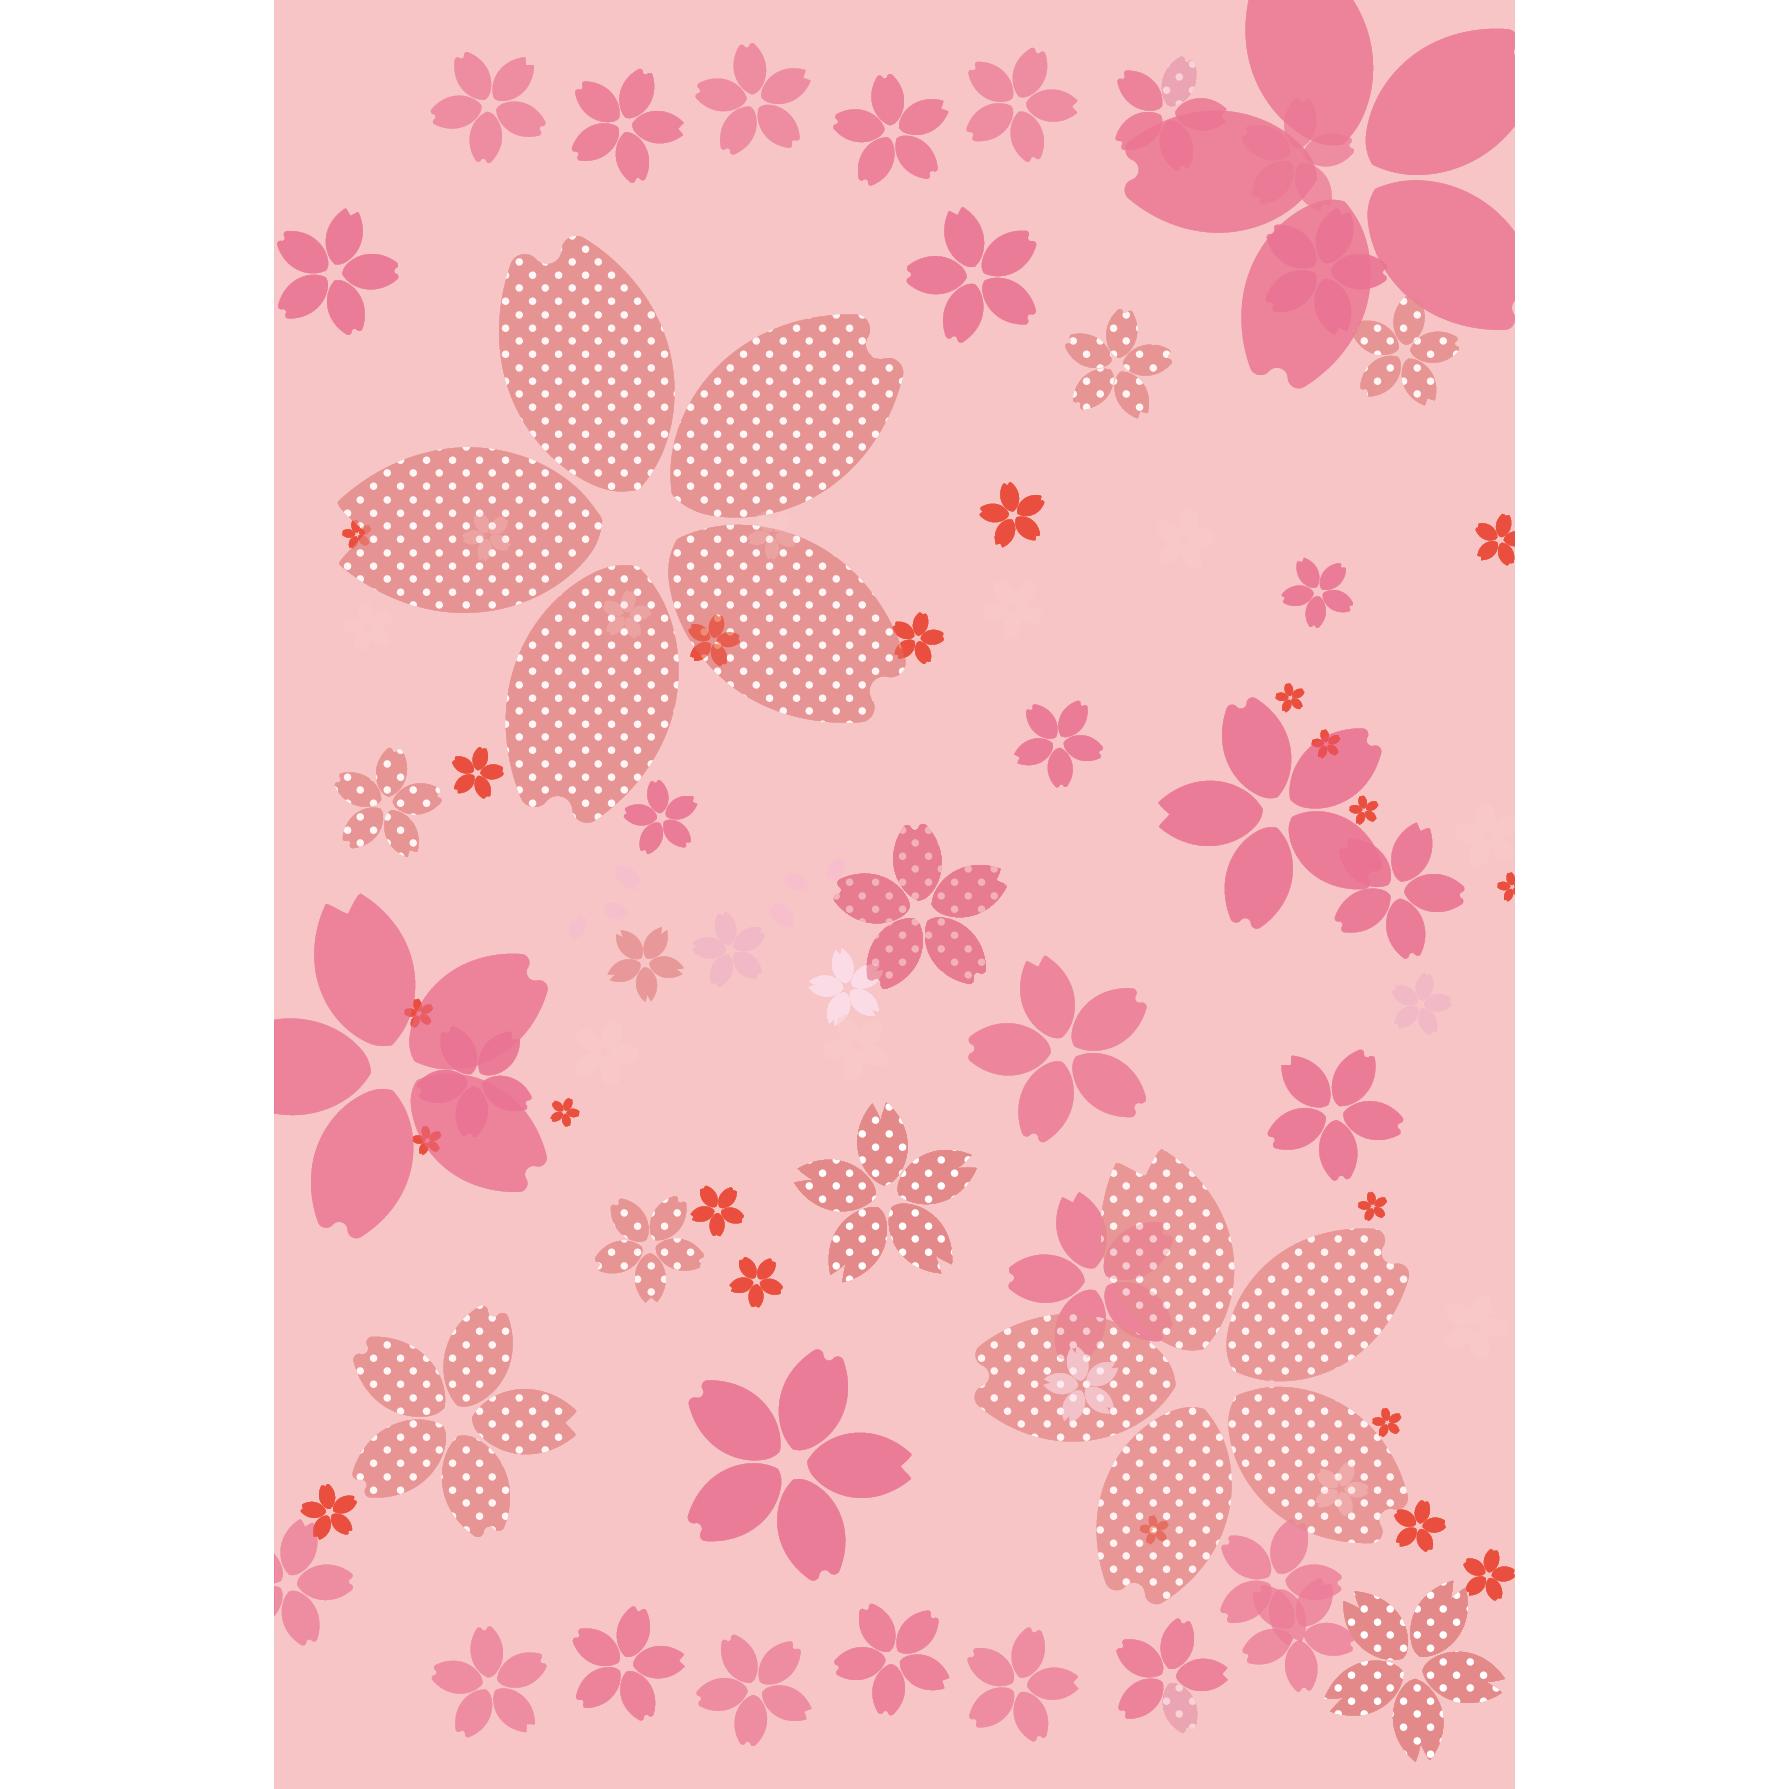 桜のイラストのかわいい 背景 A4サイズ イラスト 商用フリー無料の